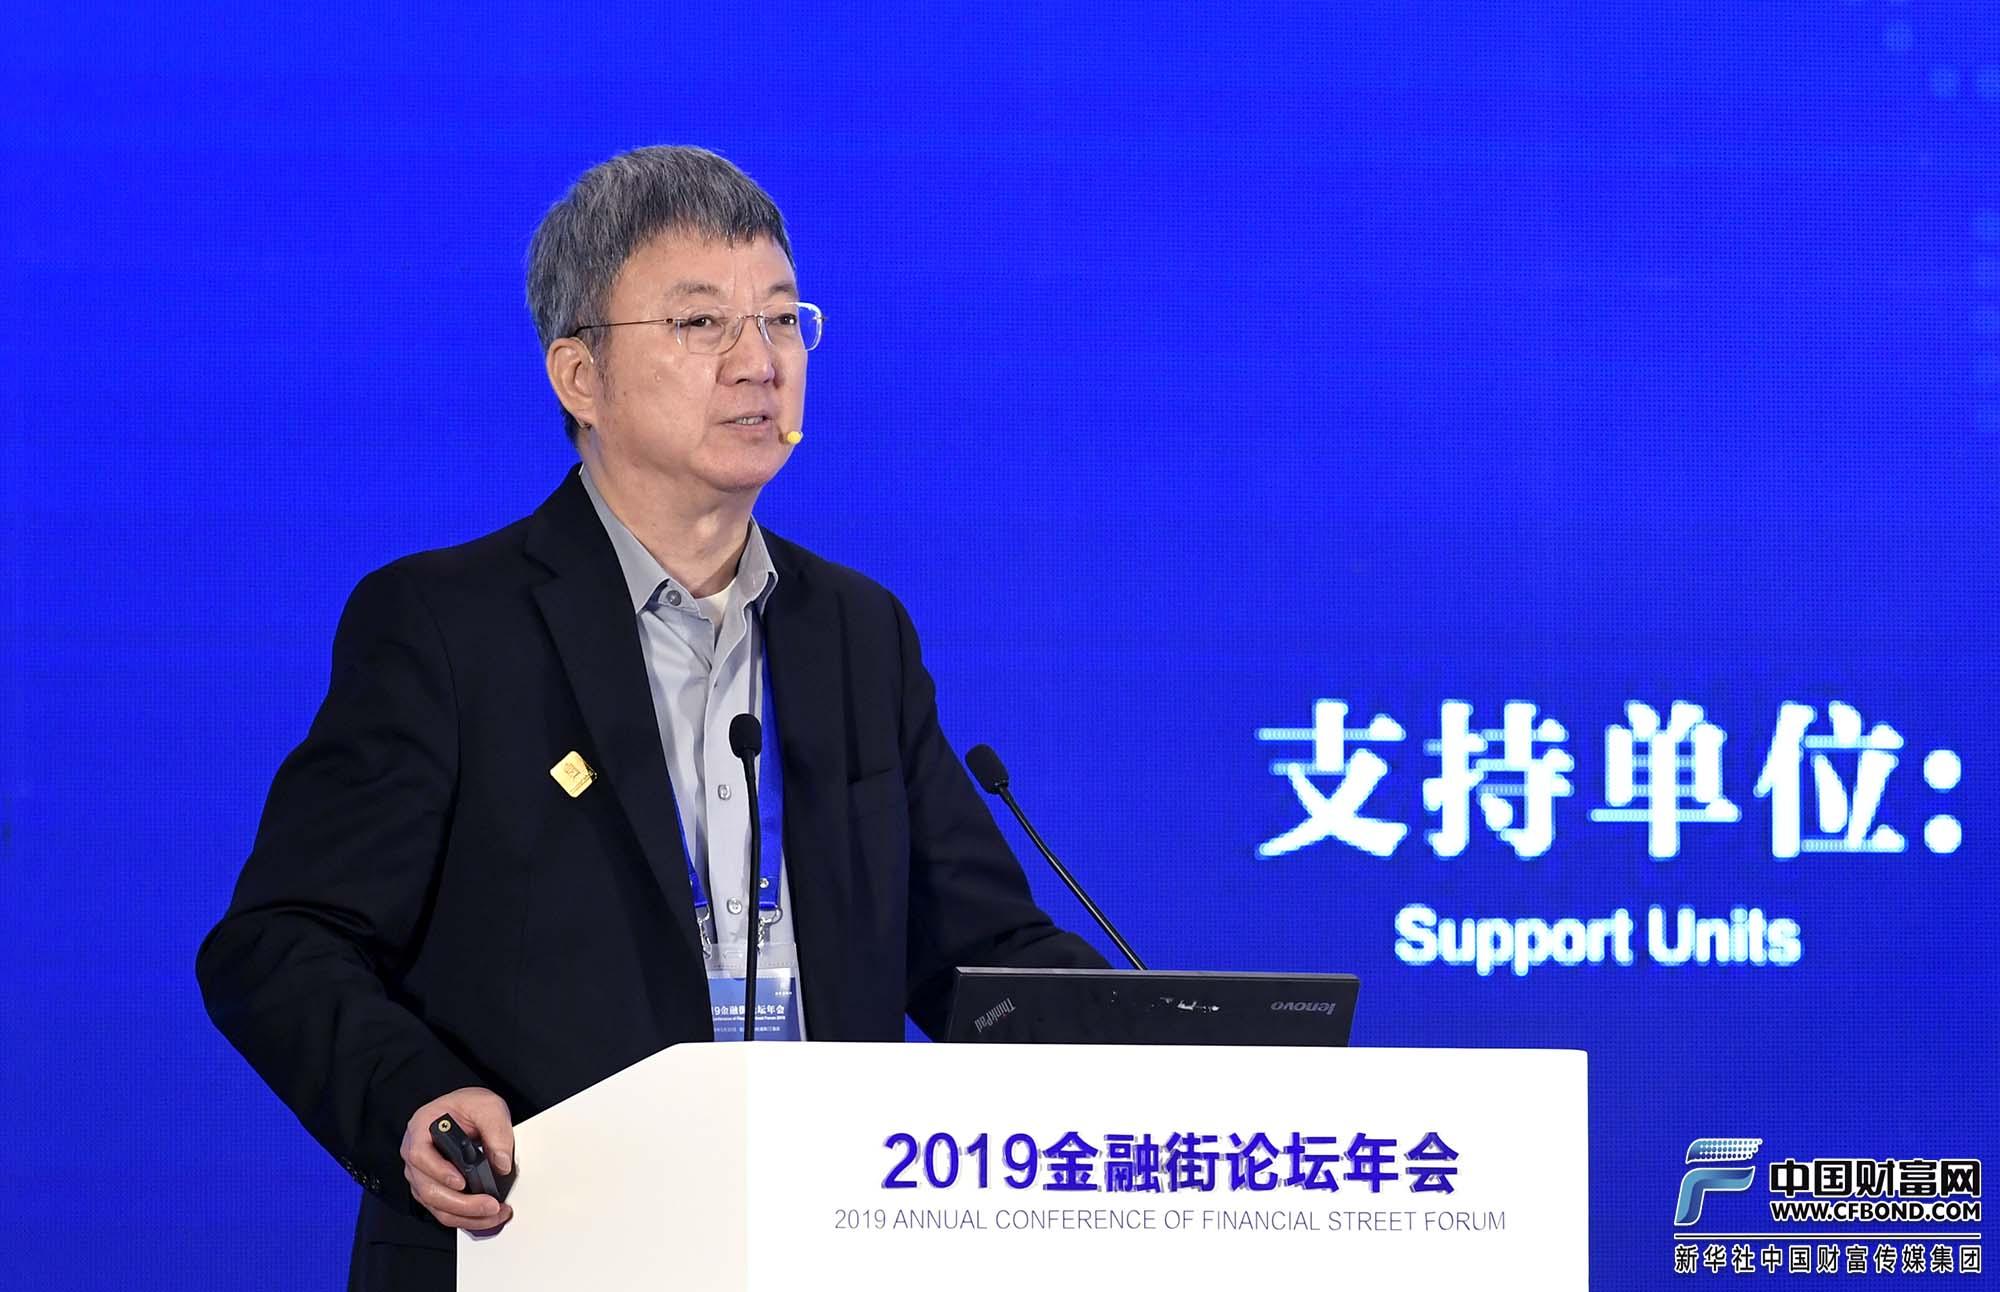 演讲嘉宾:清华大学国家金融研究院院长朱民